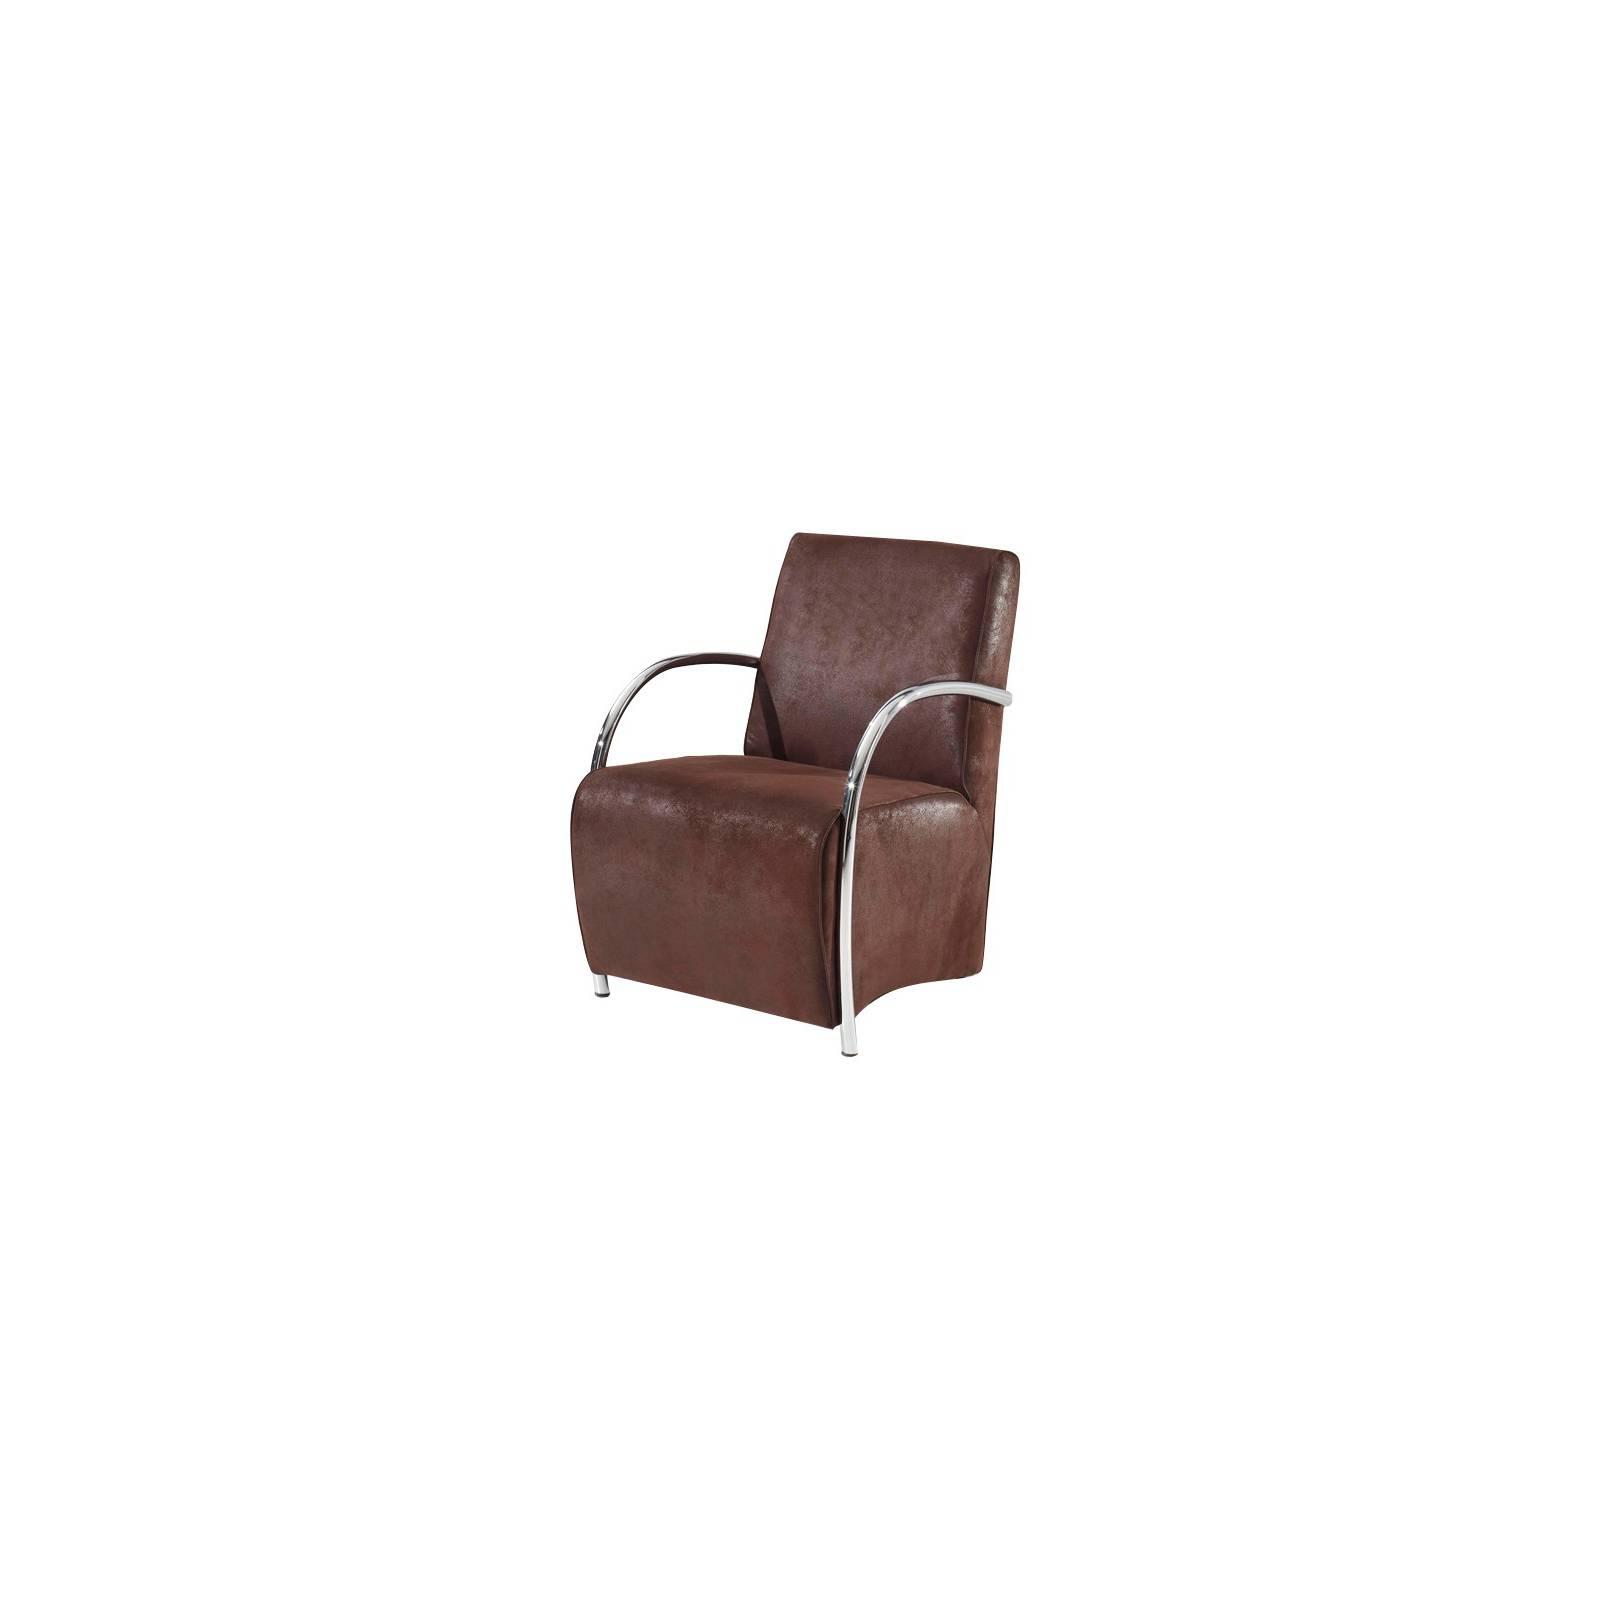 Fauteuil Club One Tissu - fauteuil rétro